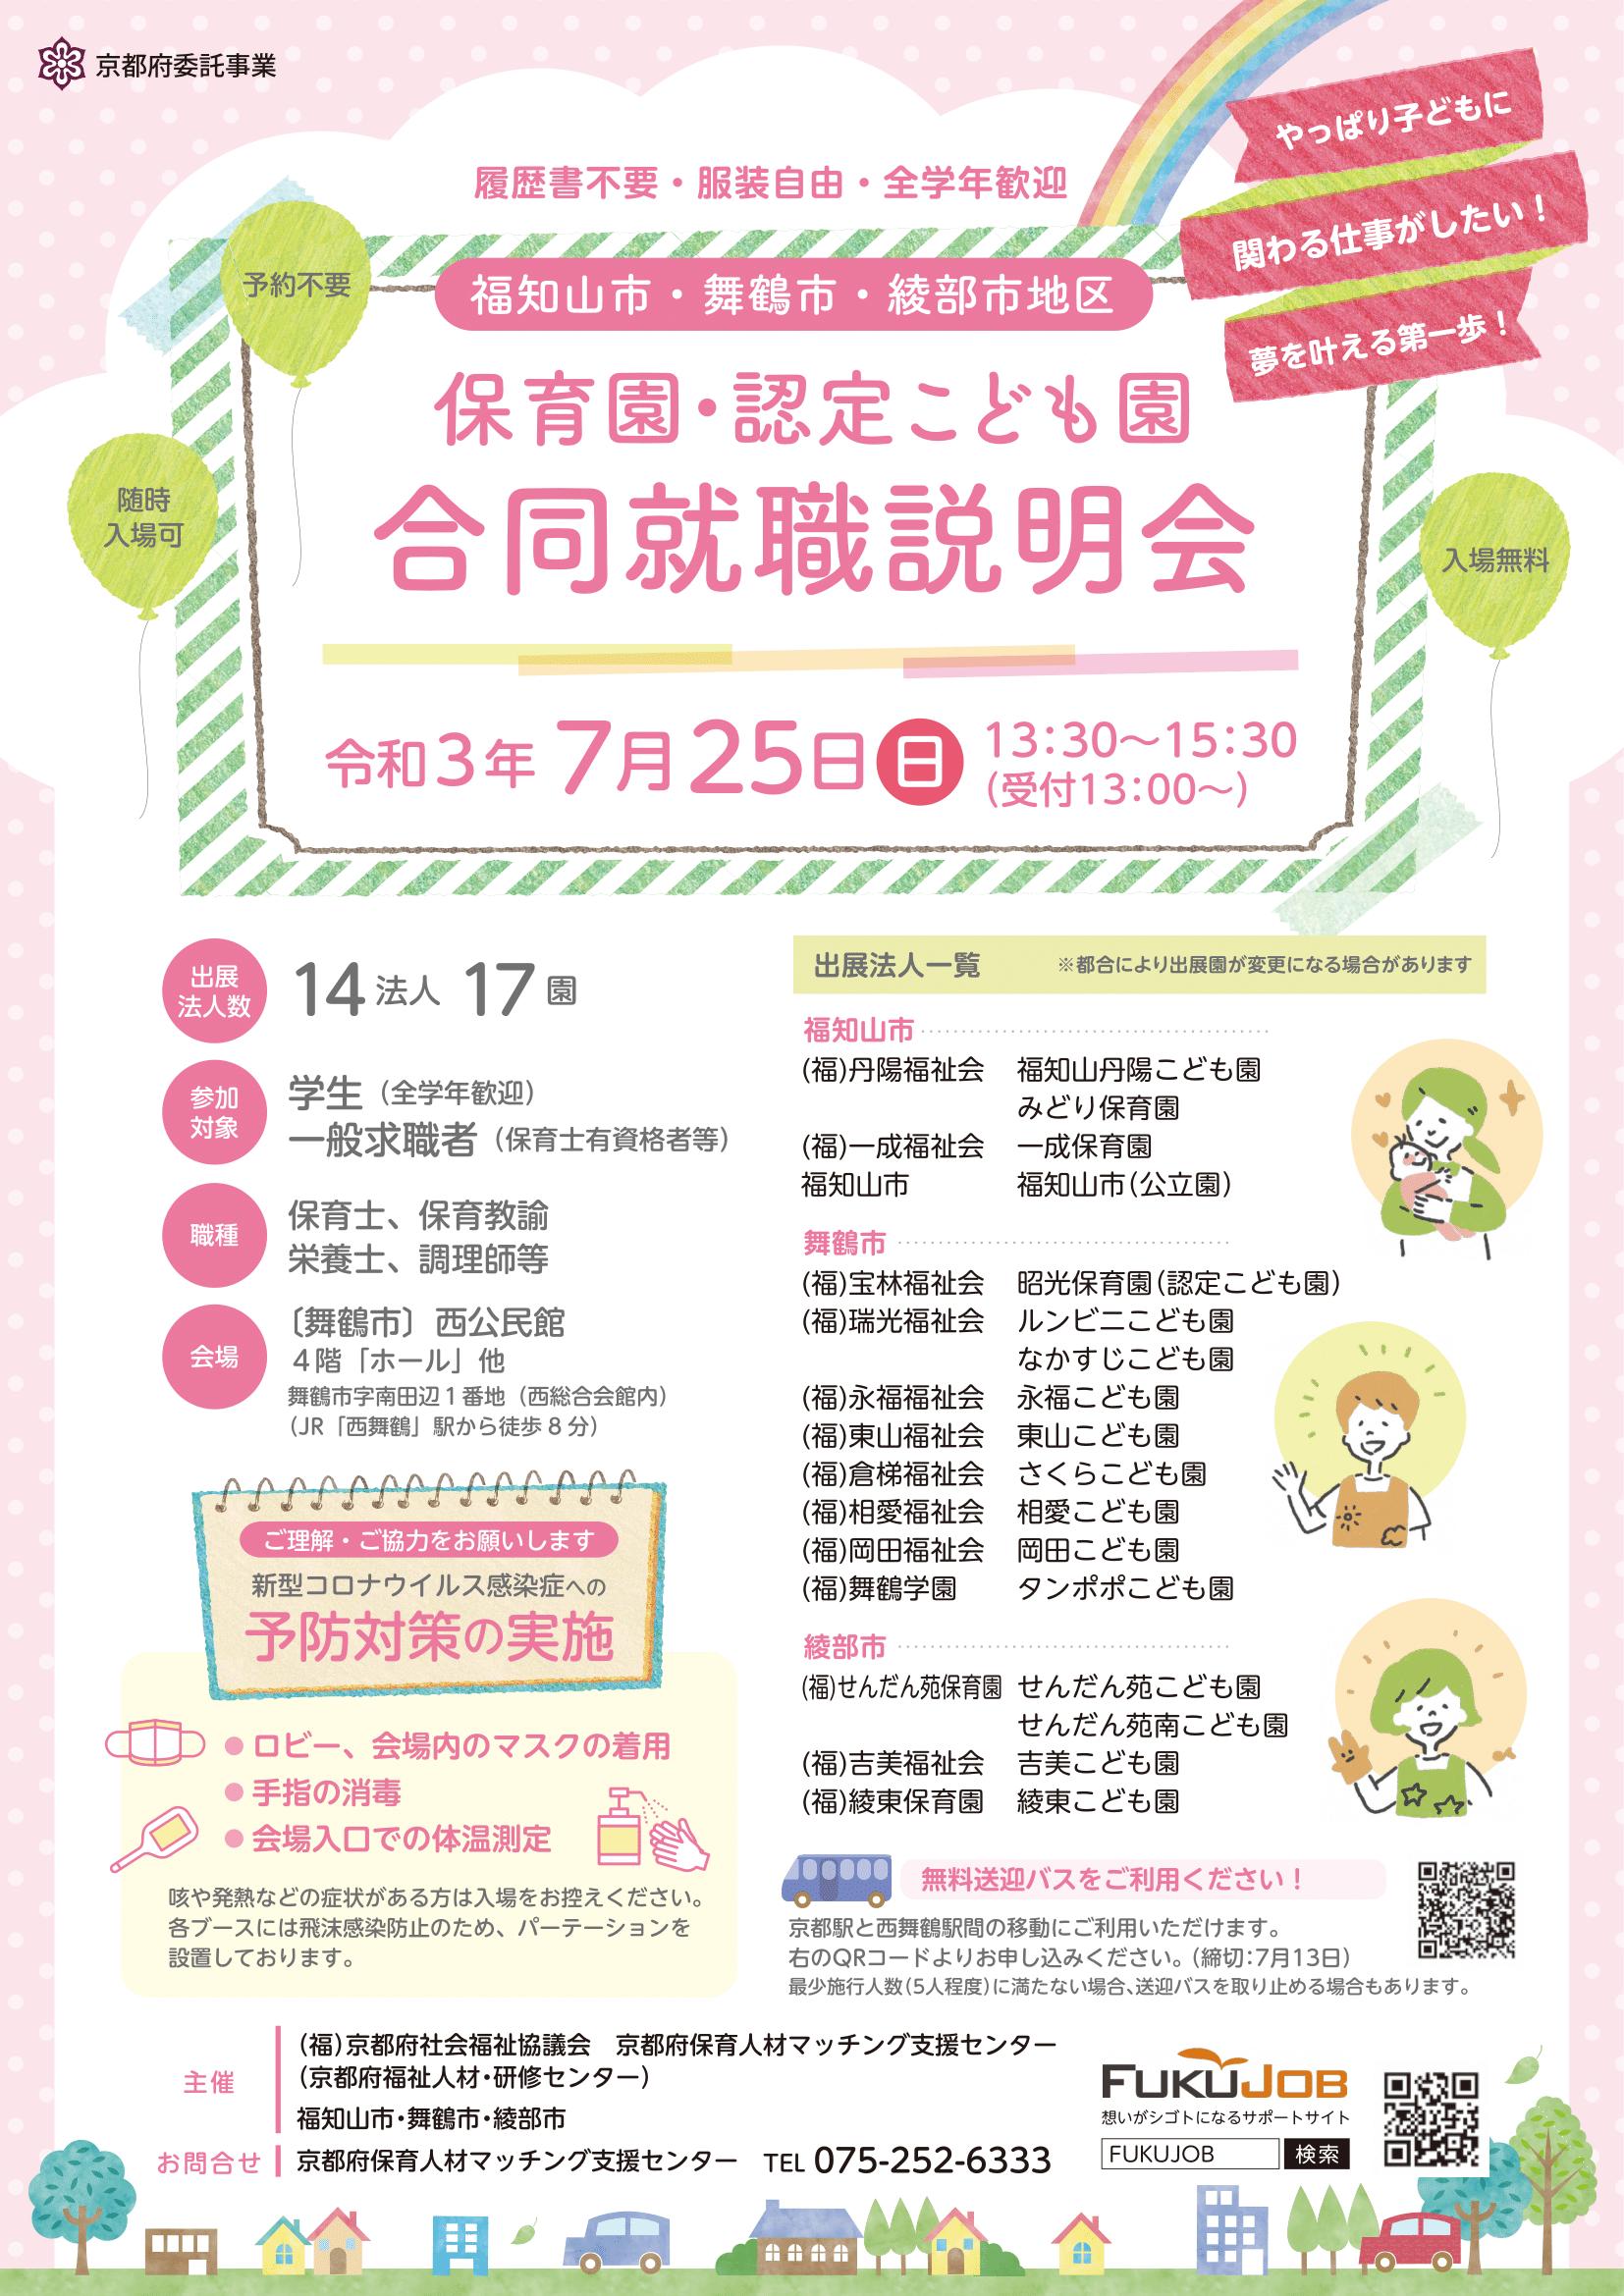 【7月25日開催】令和3年度 福知山市・舞鶴市・綾部市 保育園・認定こども園合同就職説明会